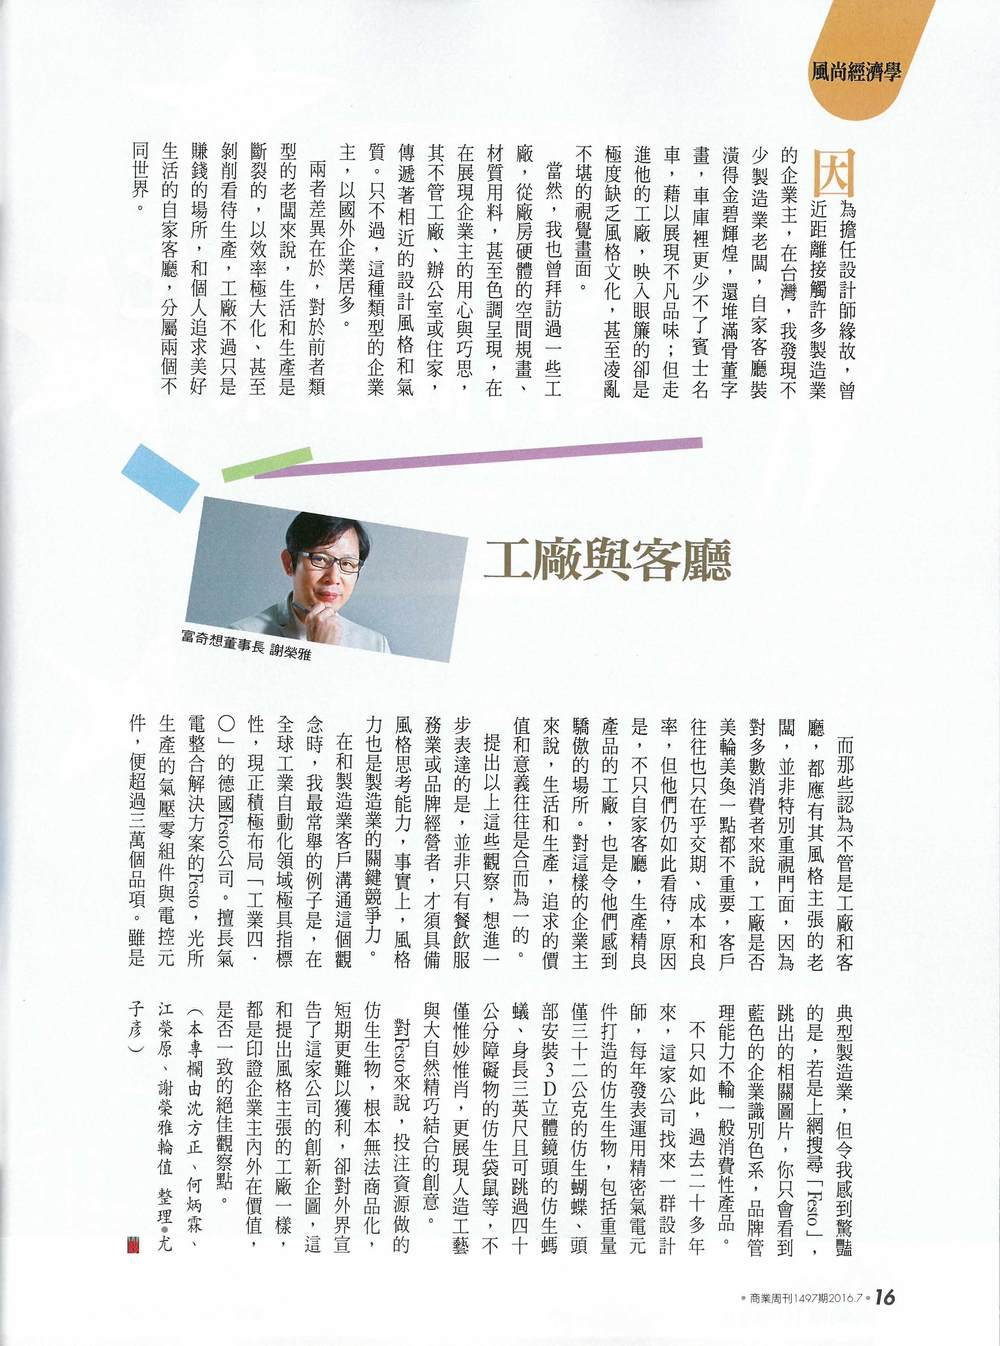 2016年07月25日_工廠與客廳_商業週刊_頁面_1.jpg